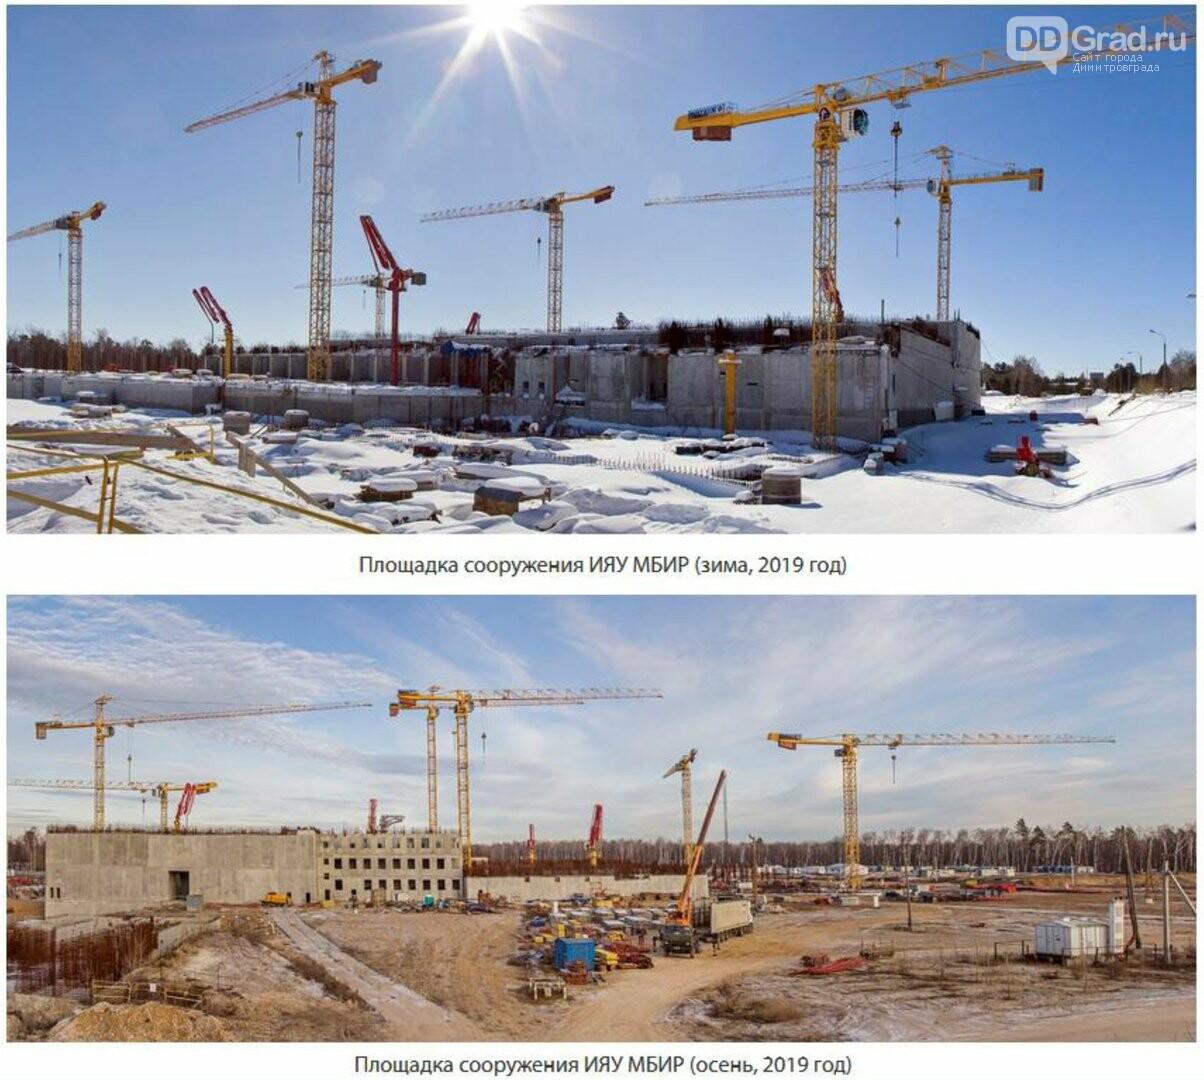 В Димитровграде продолжается строительство исследовательского реактора на быстрых нейронах, фото-4